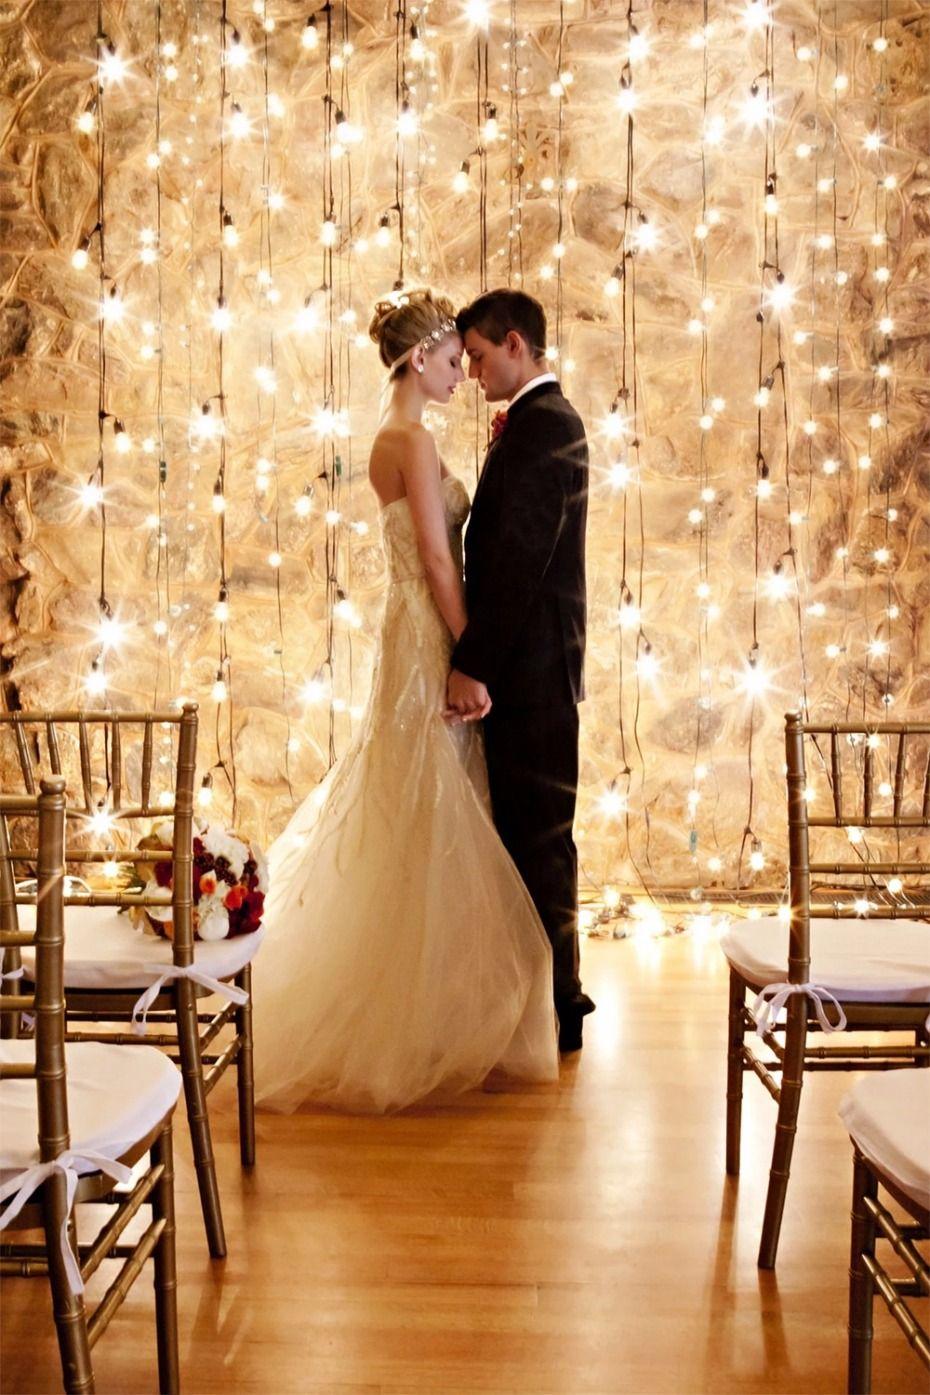 DIY Ping Pong Ball Lights Indoor wedding ceremonies